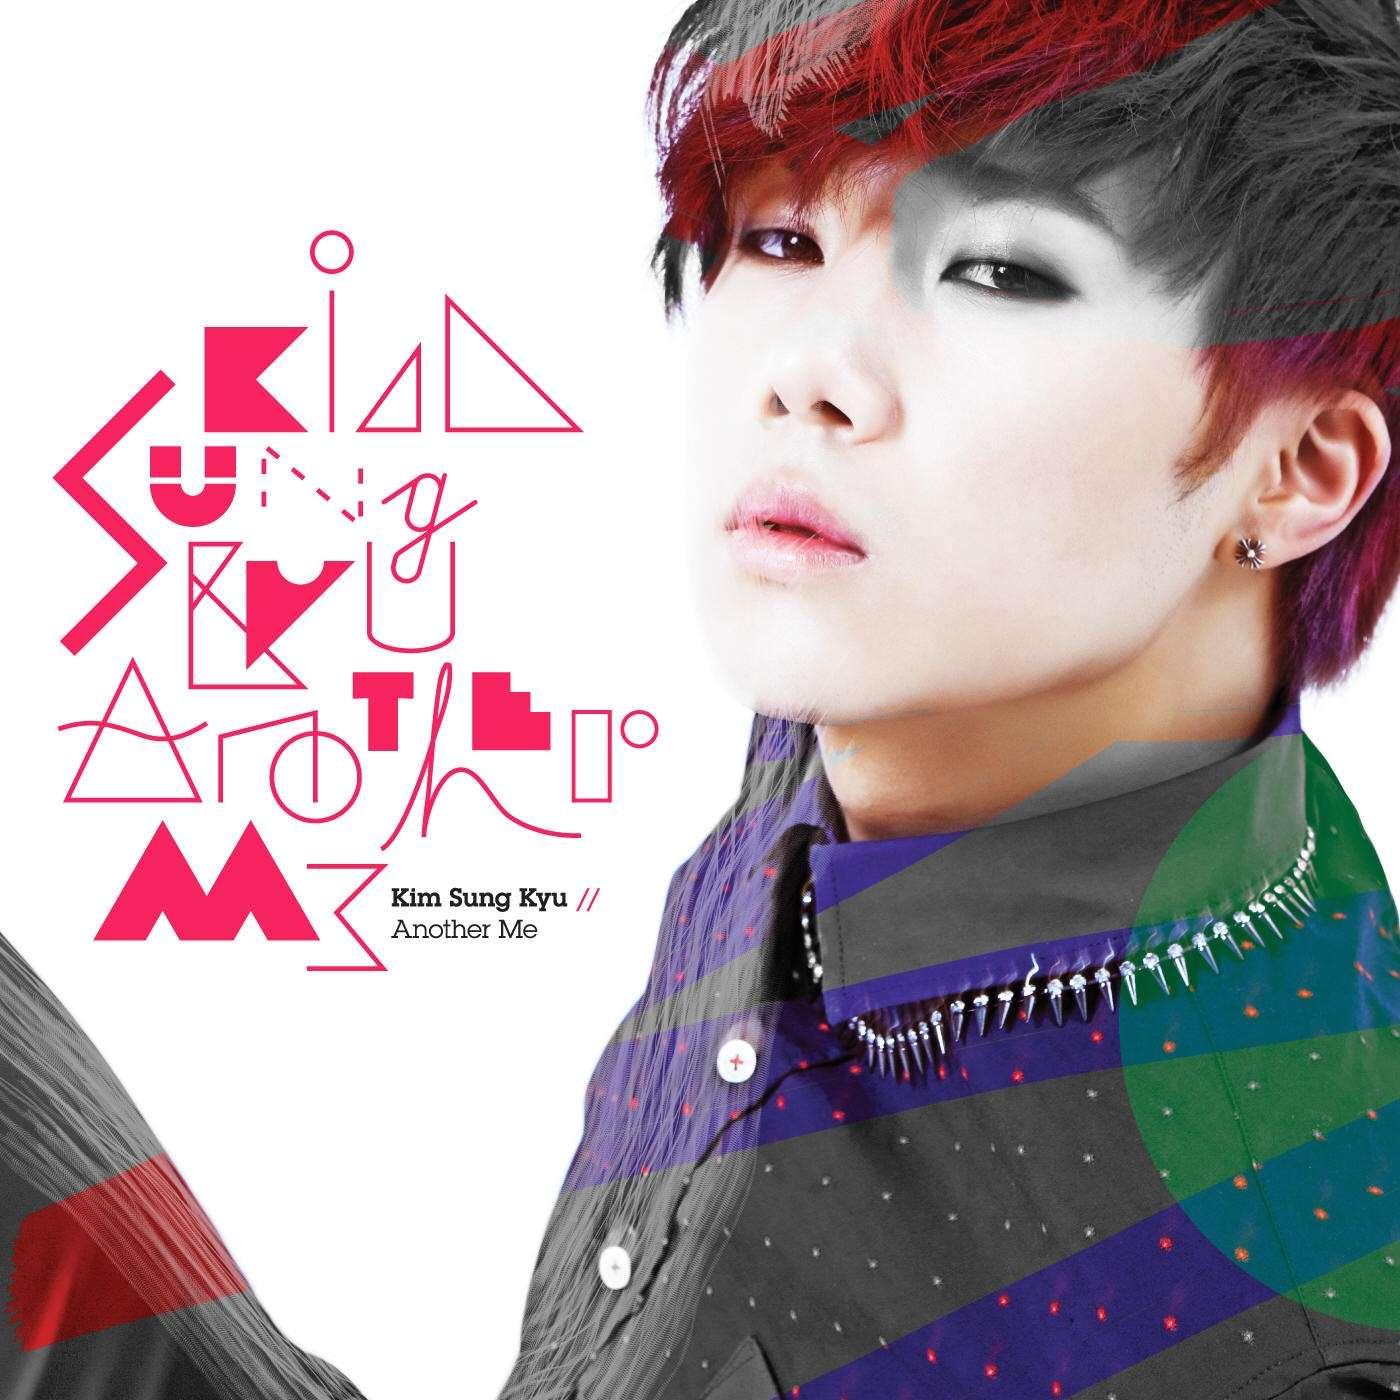 [Single] Kim Sung Kyu - Shine